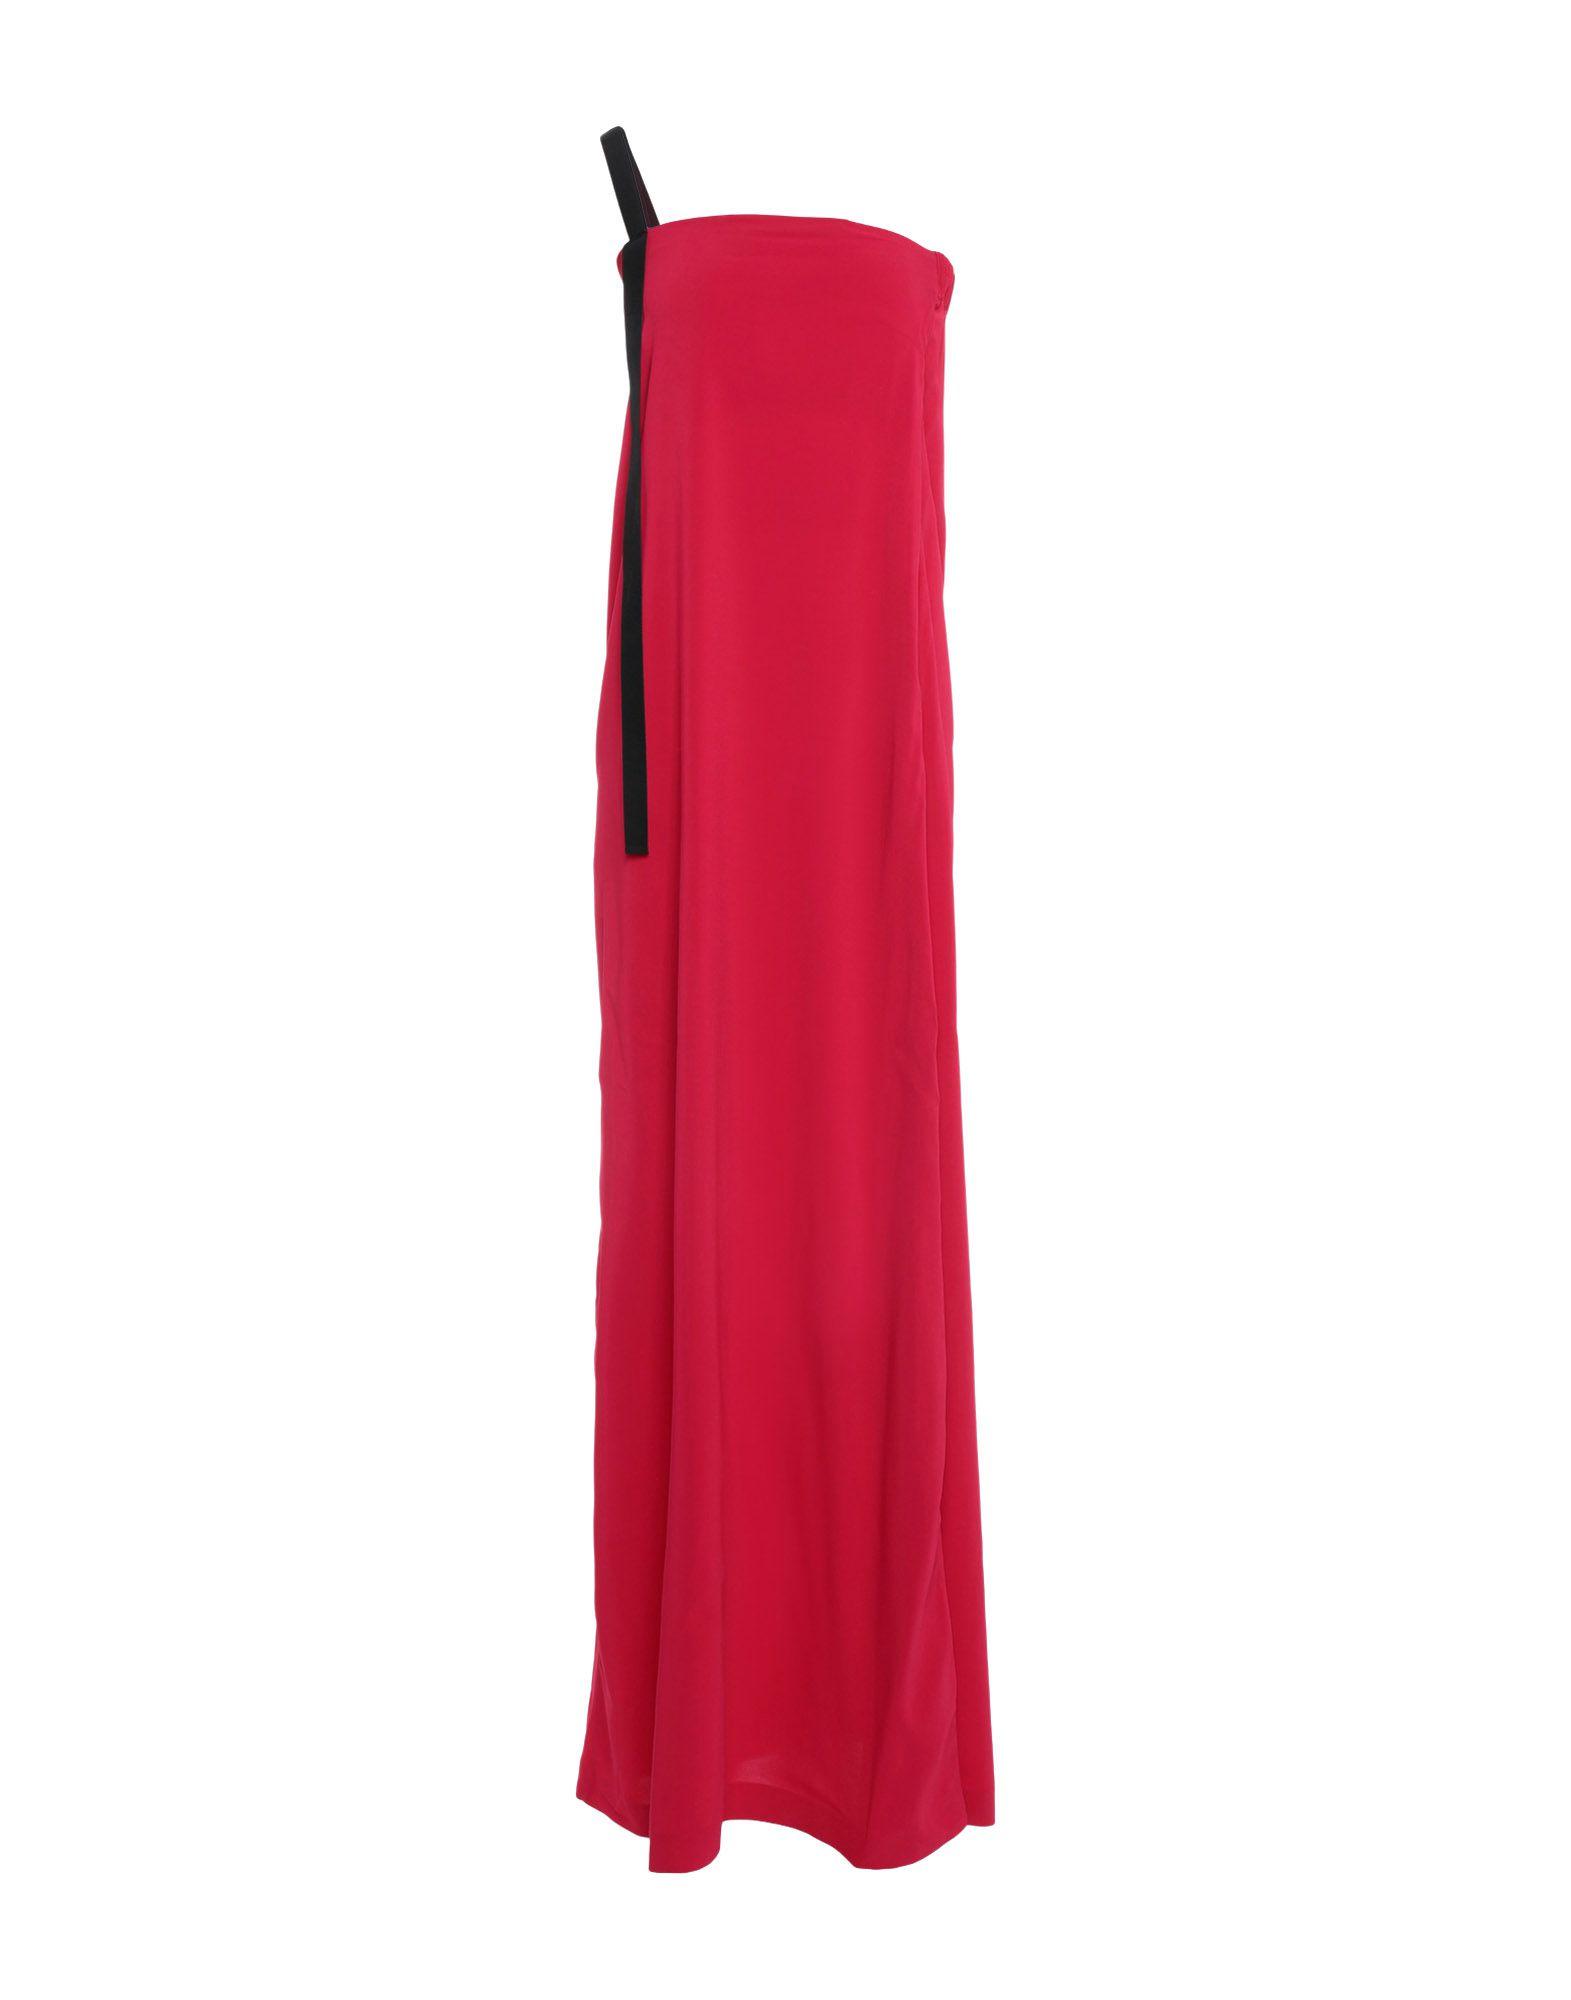 .TESSA Длинное платье 923 зима полный дрель бархат вечернее платье длинное плечо банкет тост одежды тонкий тонкий хост